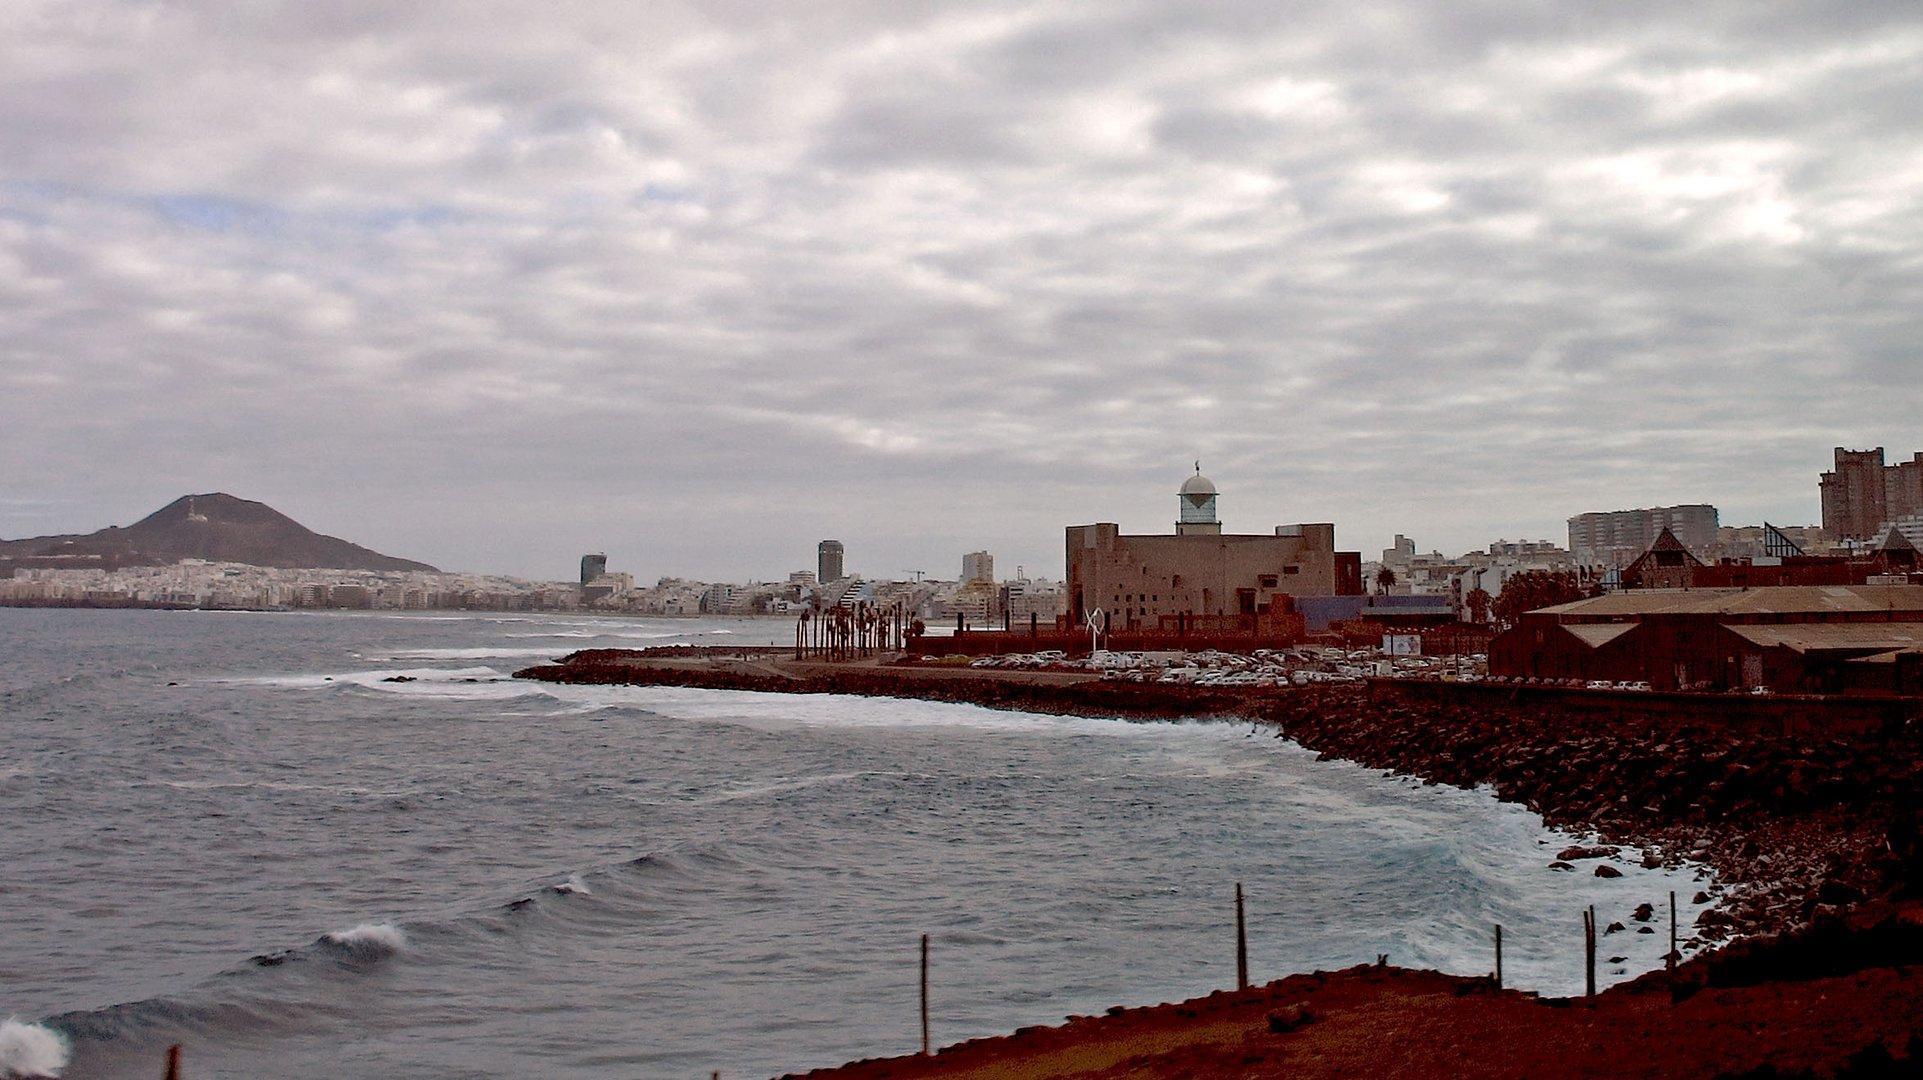 Das Opernhaus  von Las Palmas